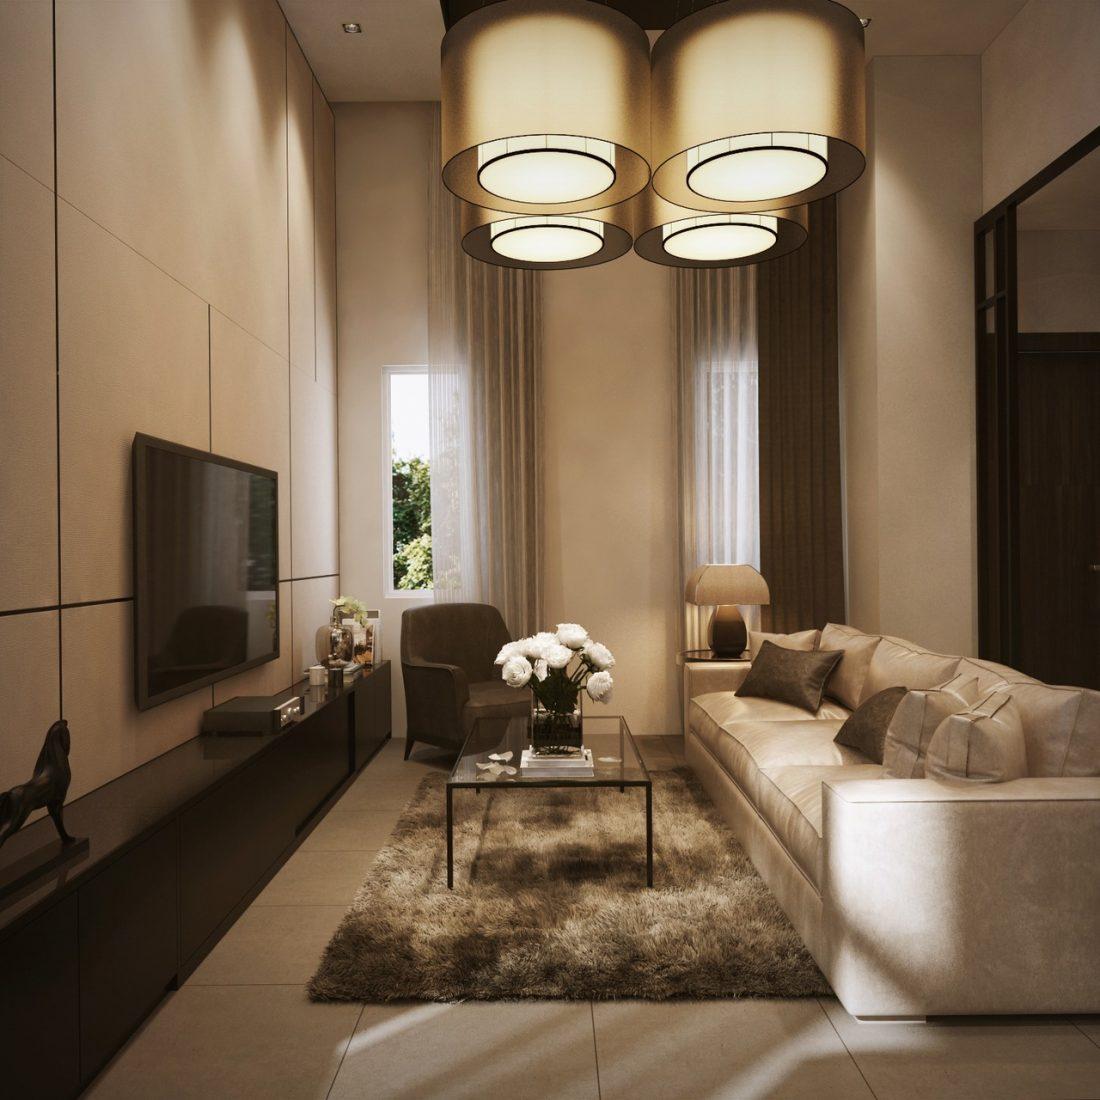 Home Design Ideas Malaysia: Masculine Interior Design